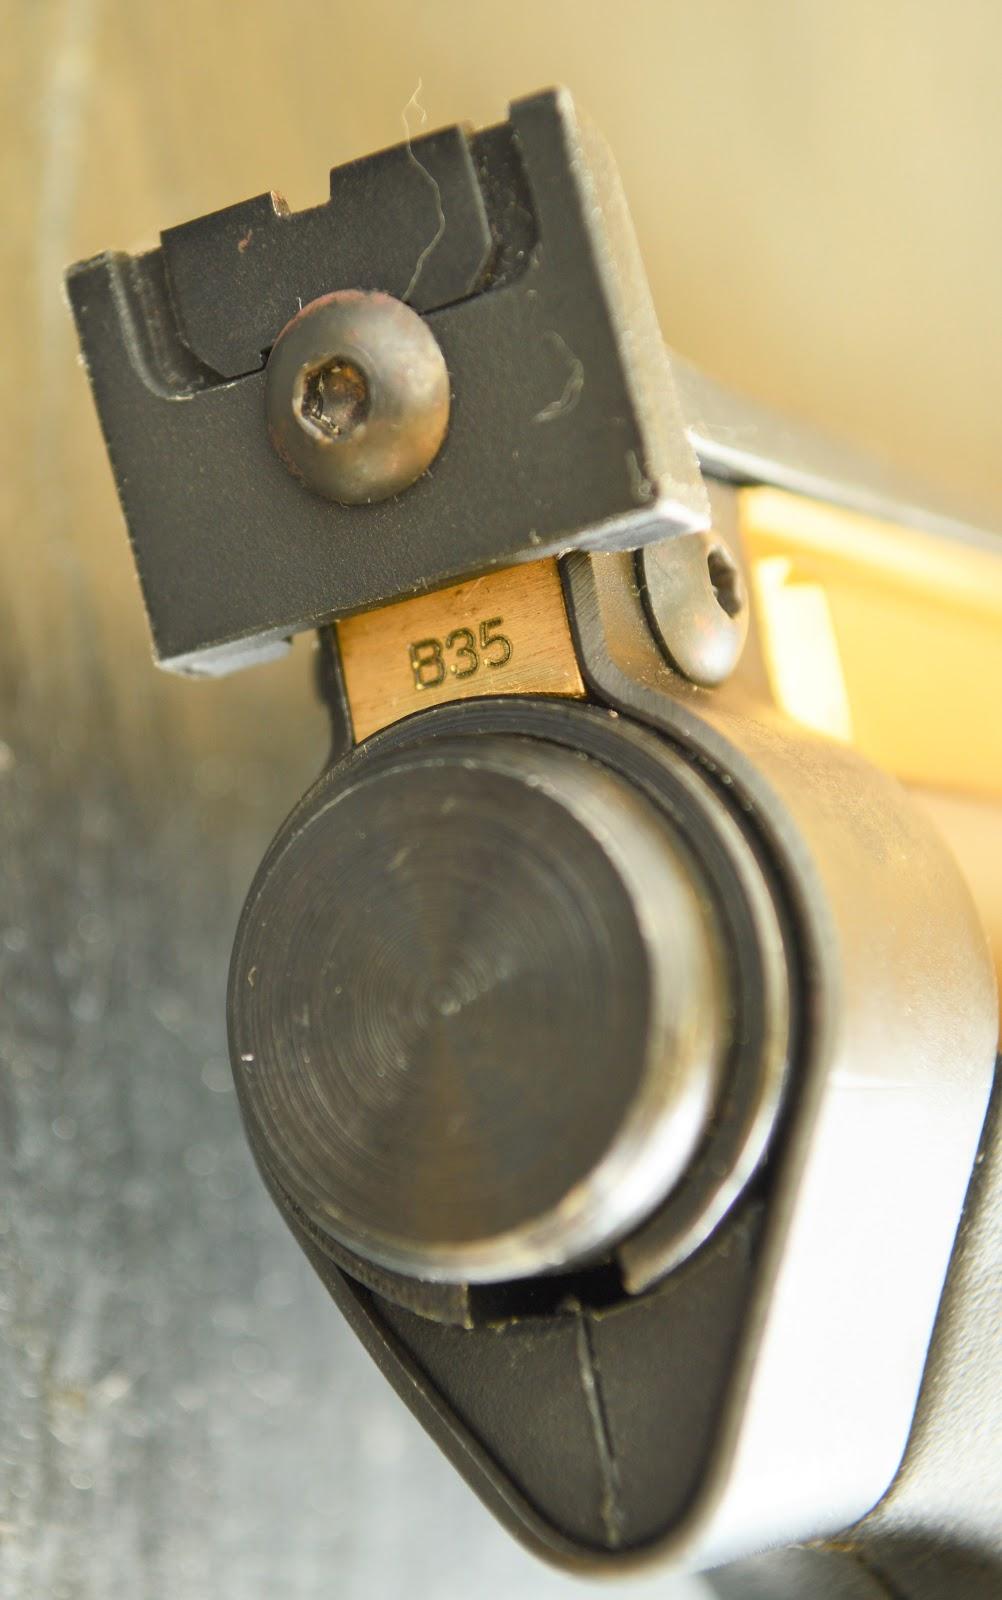 Serial number - B35